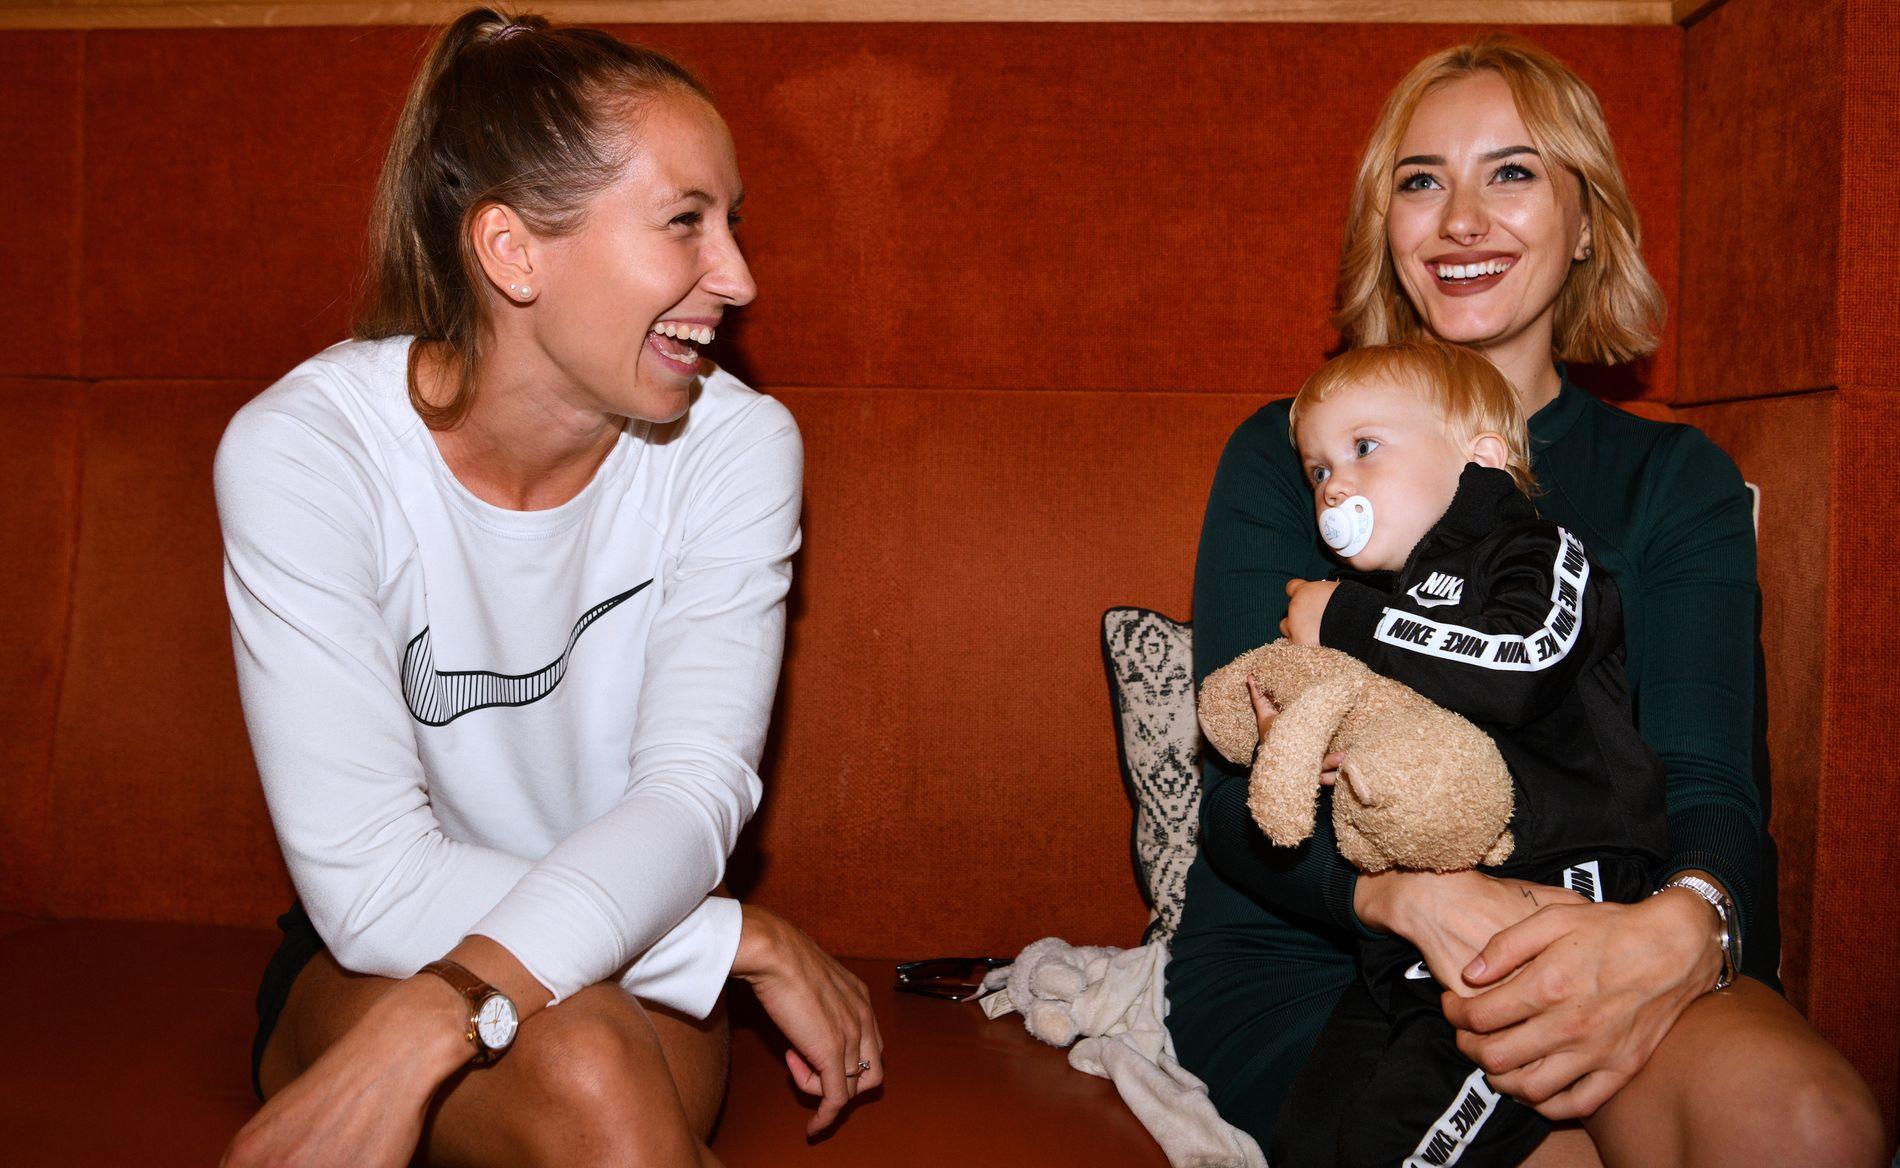 SPENTE: Filips forlovede Astrid Mangen Cederkvist og Henriks kone Liva Børkja Ingebrigtsen, samt datter Olivia, er på plass i Berlin.